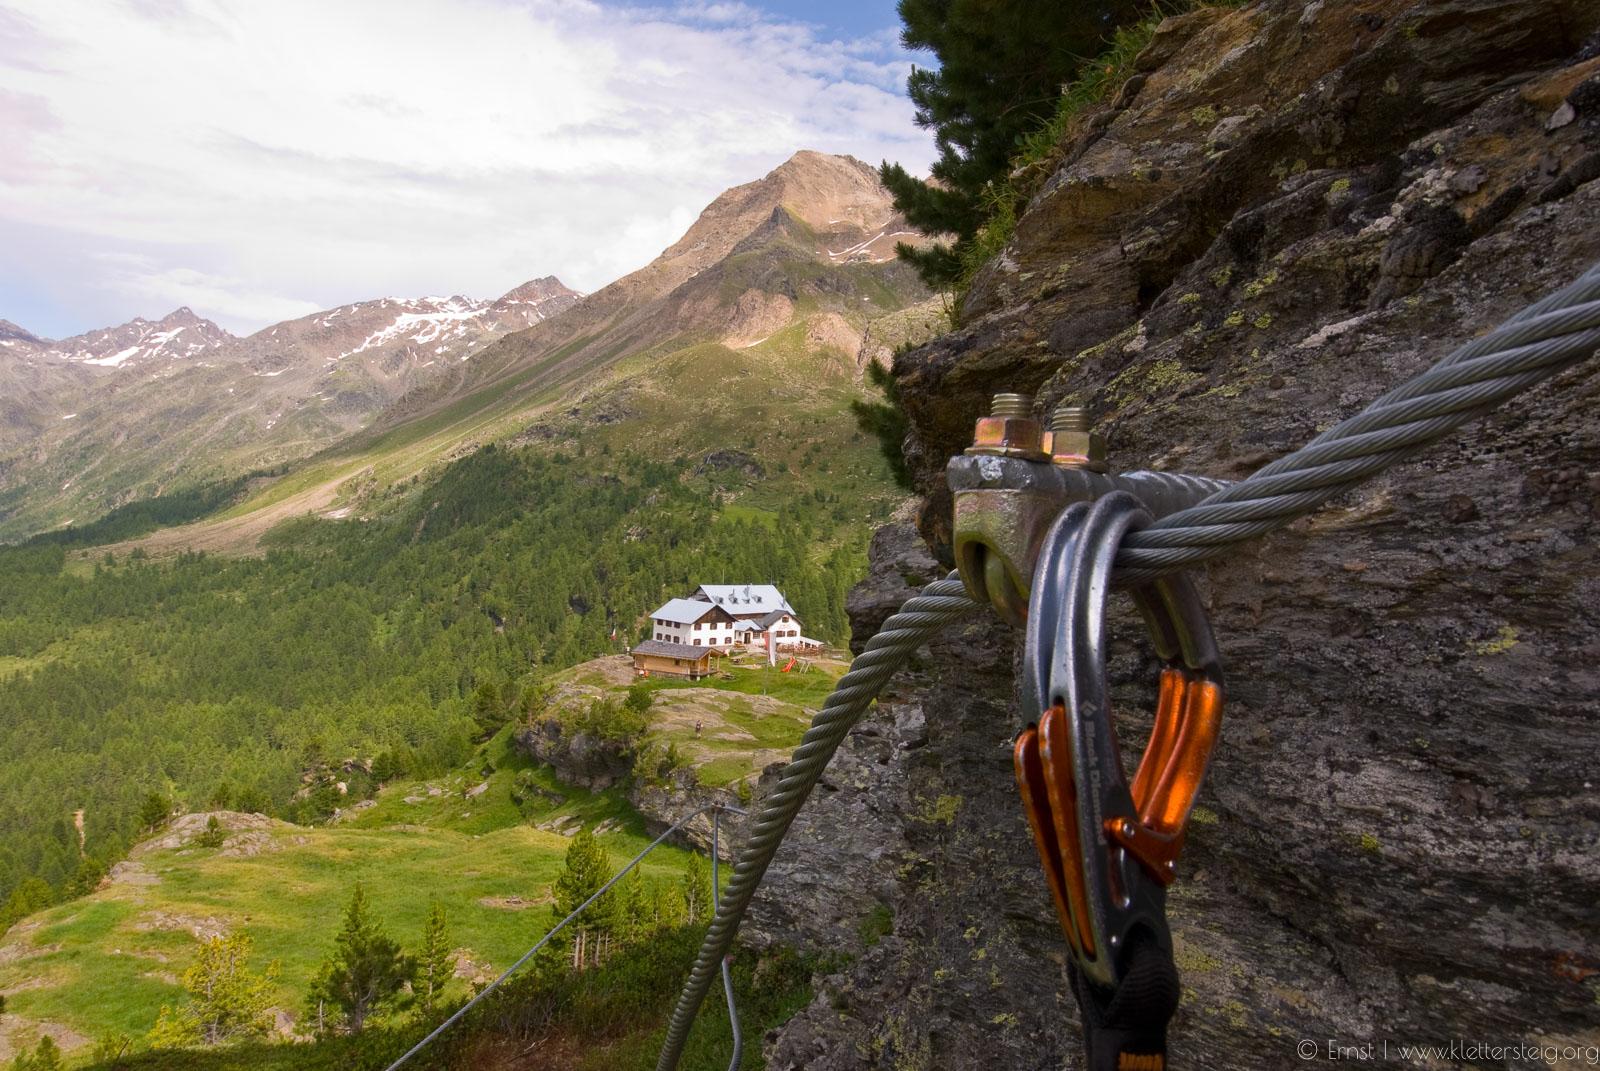 Klettersteig Croda Dei Toni : Murmele klettersteig bei der zufallhütte klettersteige